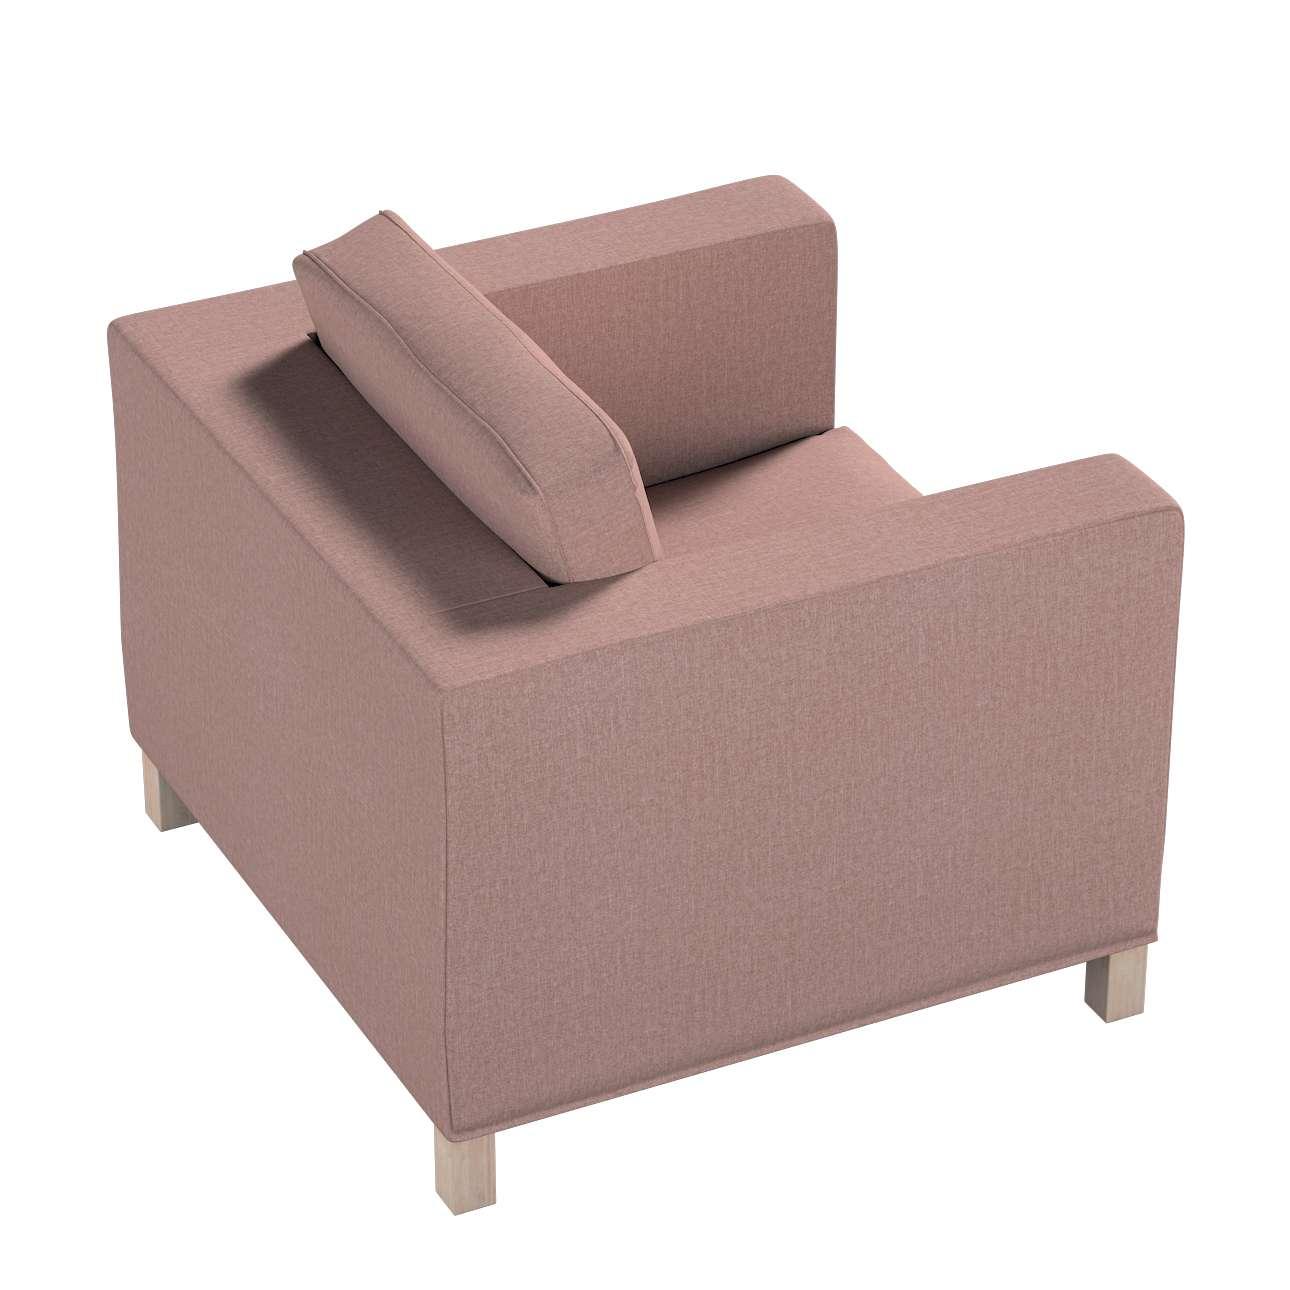 Pokrowiec na fotel Karlanda, krótki w kolekcji City, tkanina: 704-83